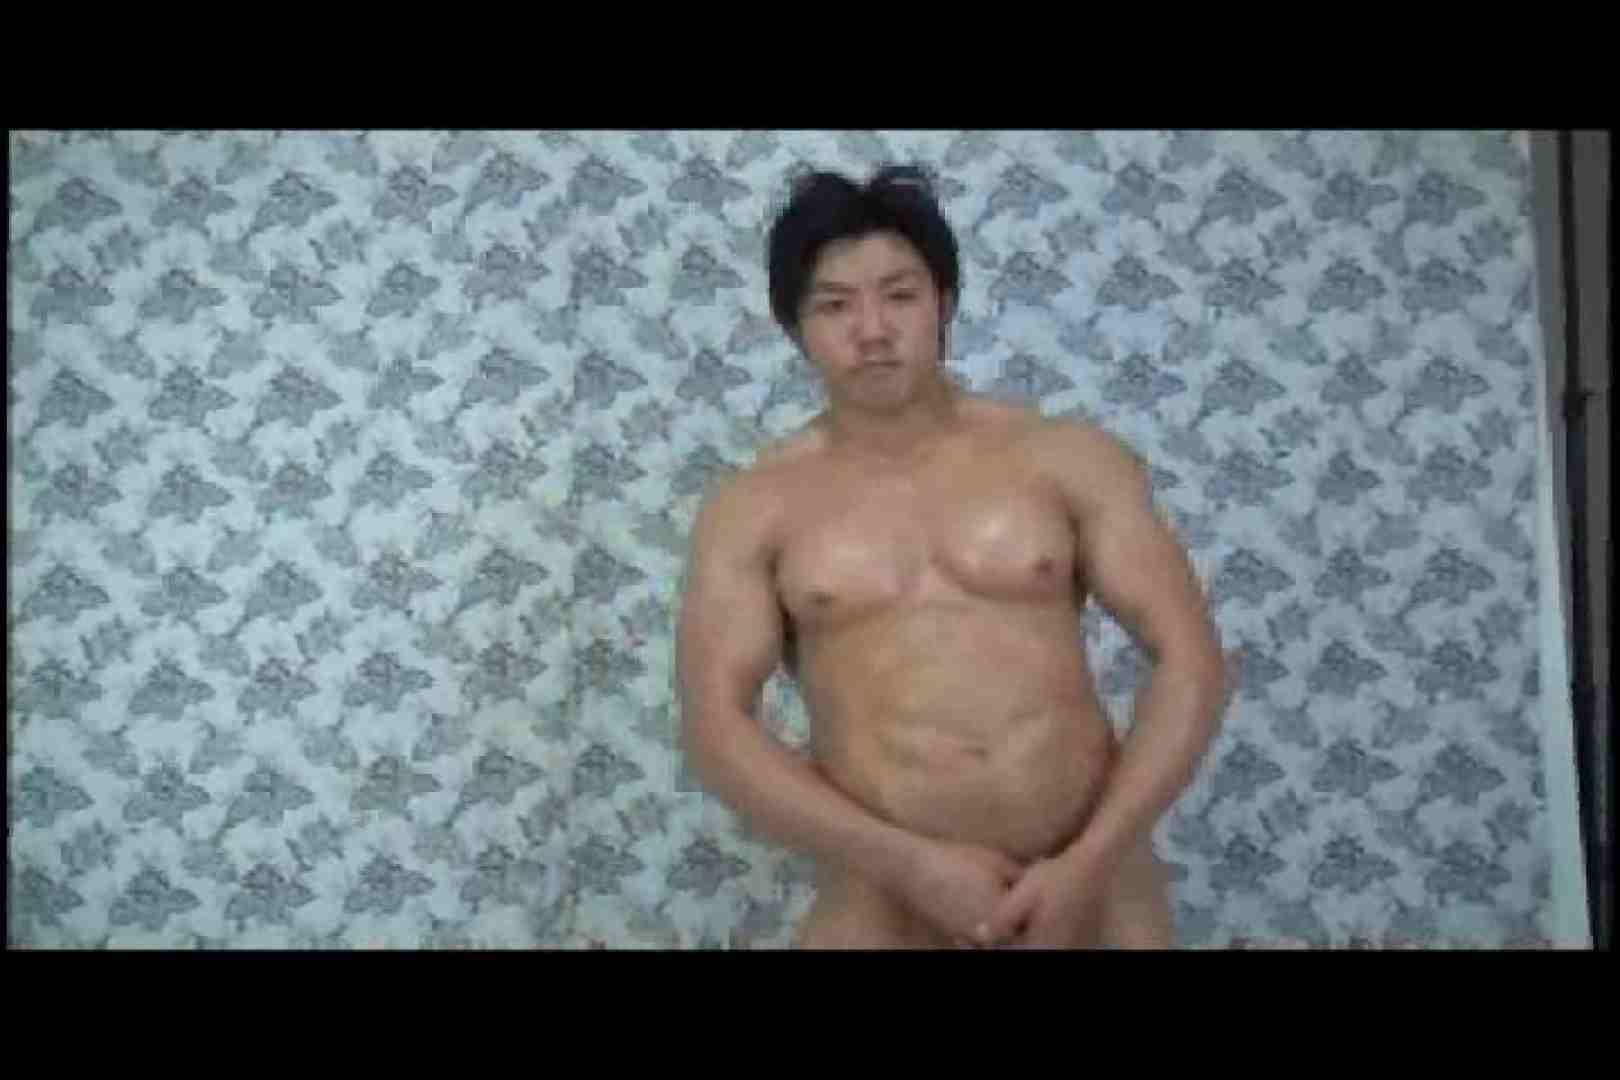 エロガチムチ兄さんのセクシームービー後編 エロ   ガチムチマッチョ系  62pic 10